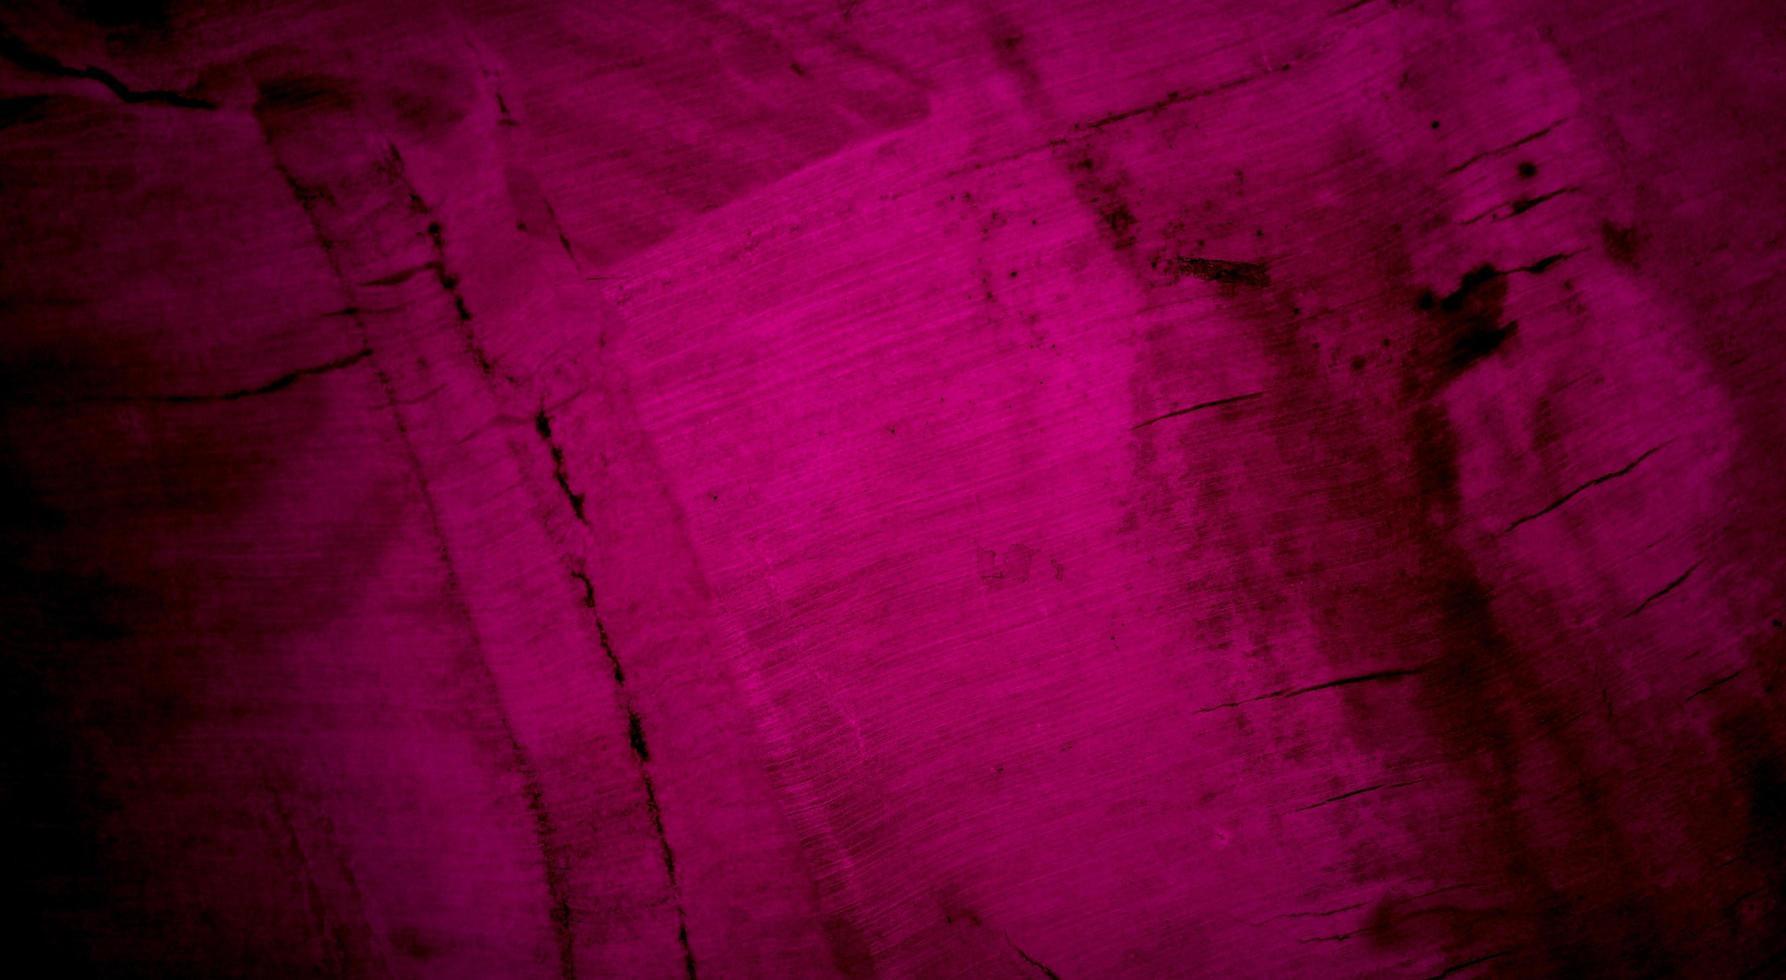 texture marbre rose foncé photo